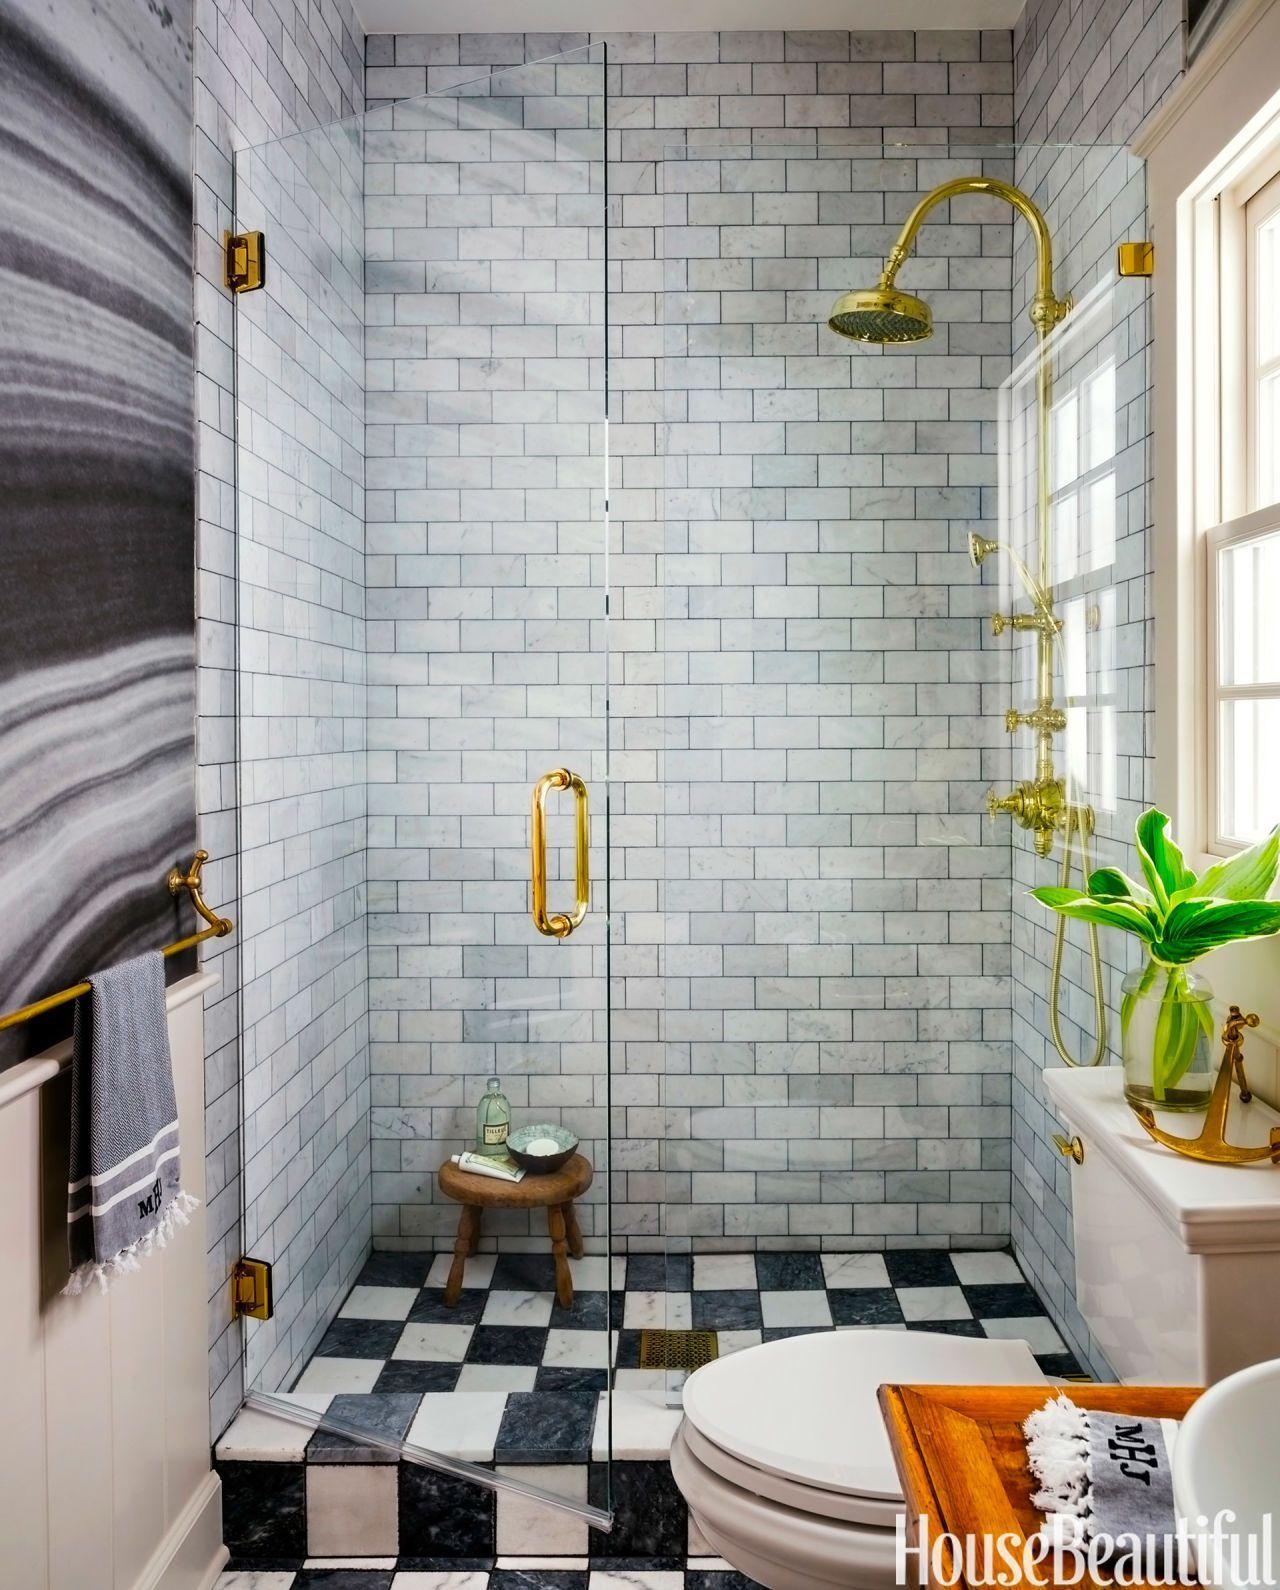 Die Letzte Kleine Badezimmer Entwürfe (mit Bildern)  Badezimmer